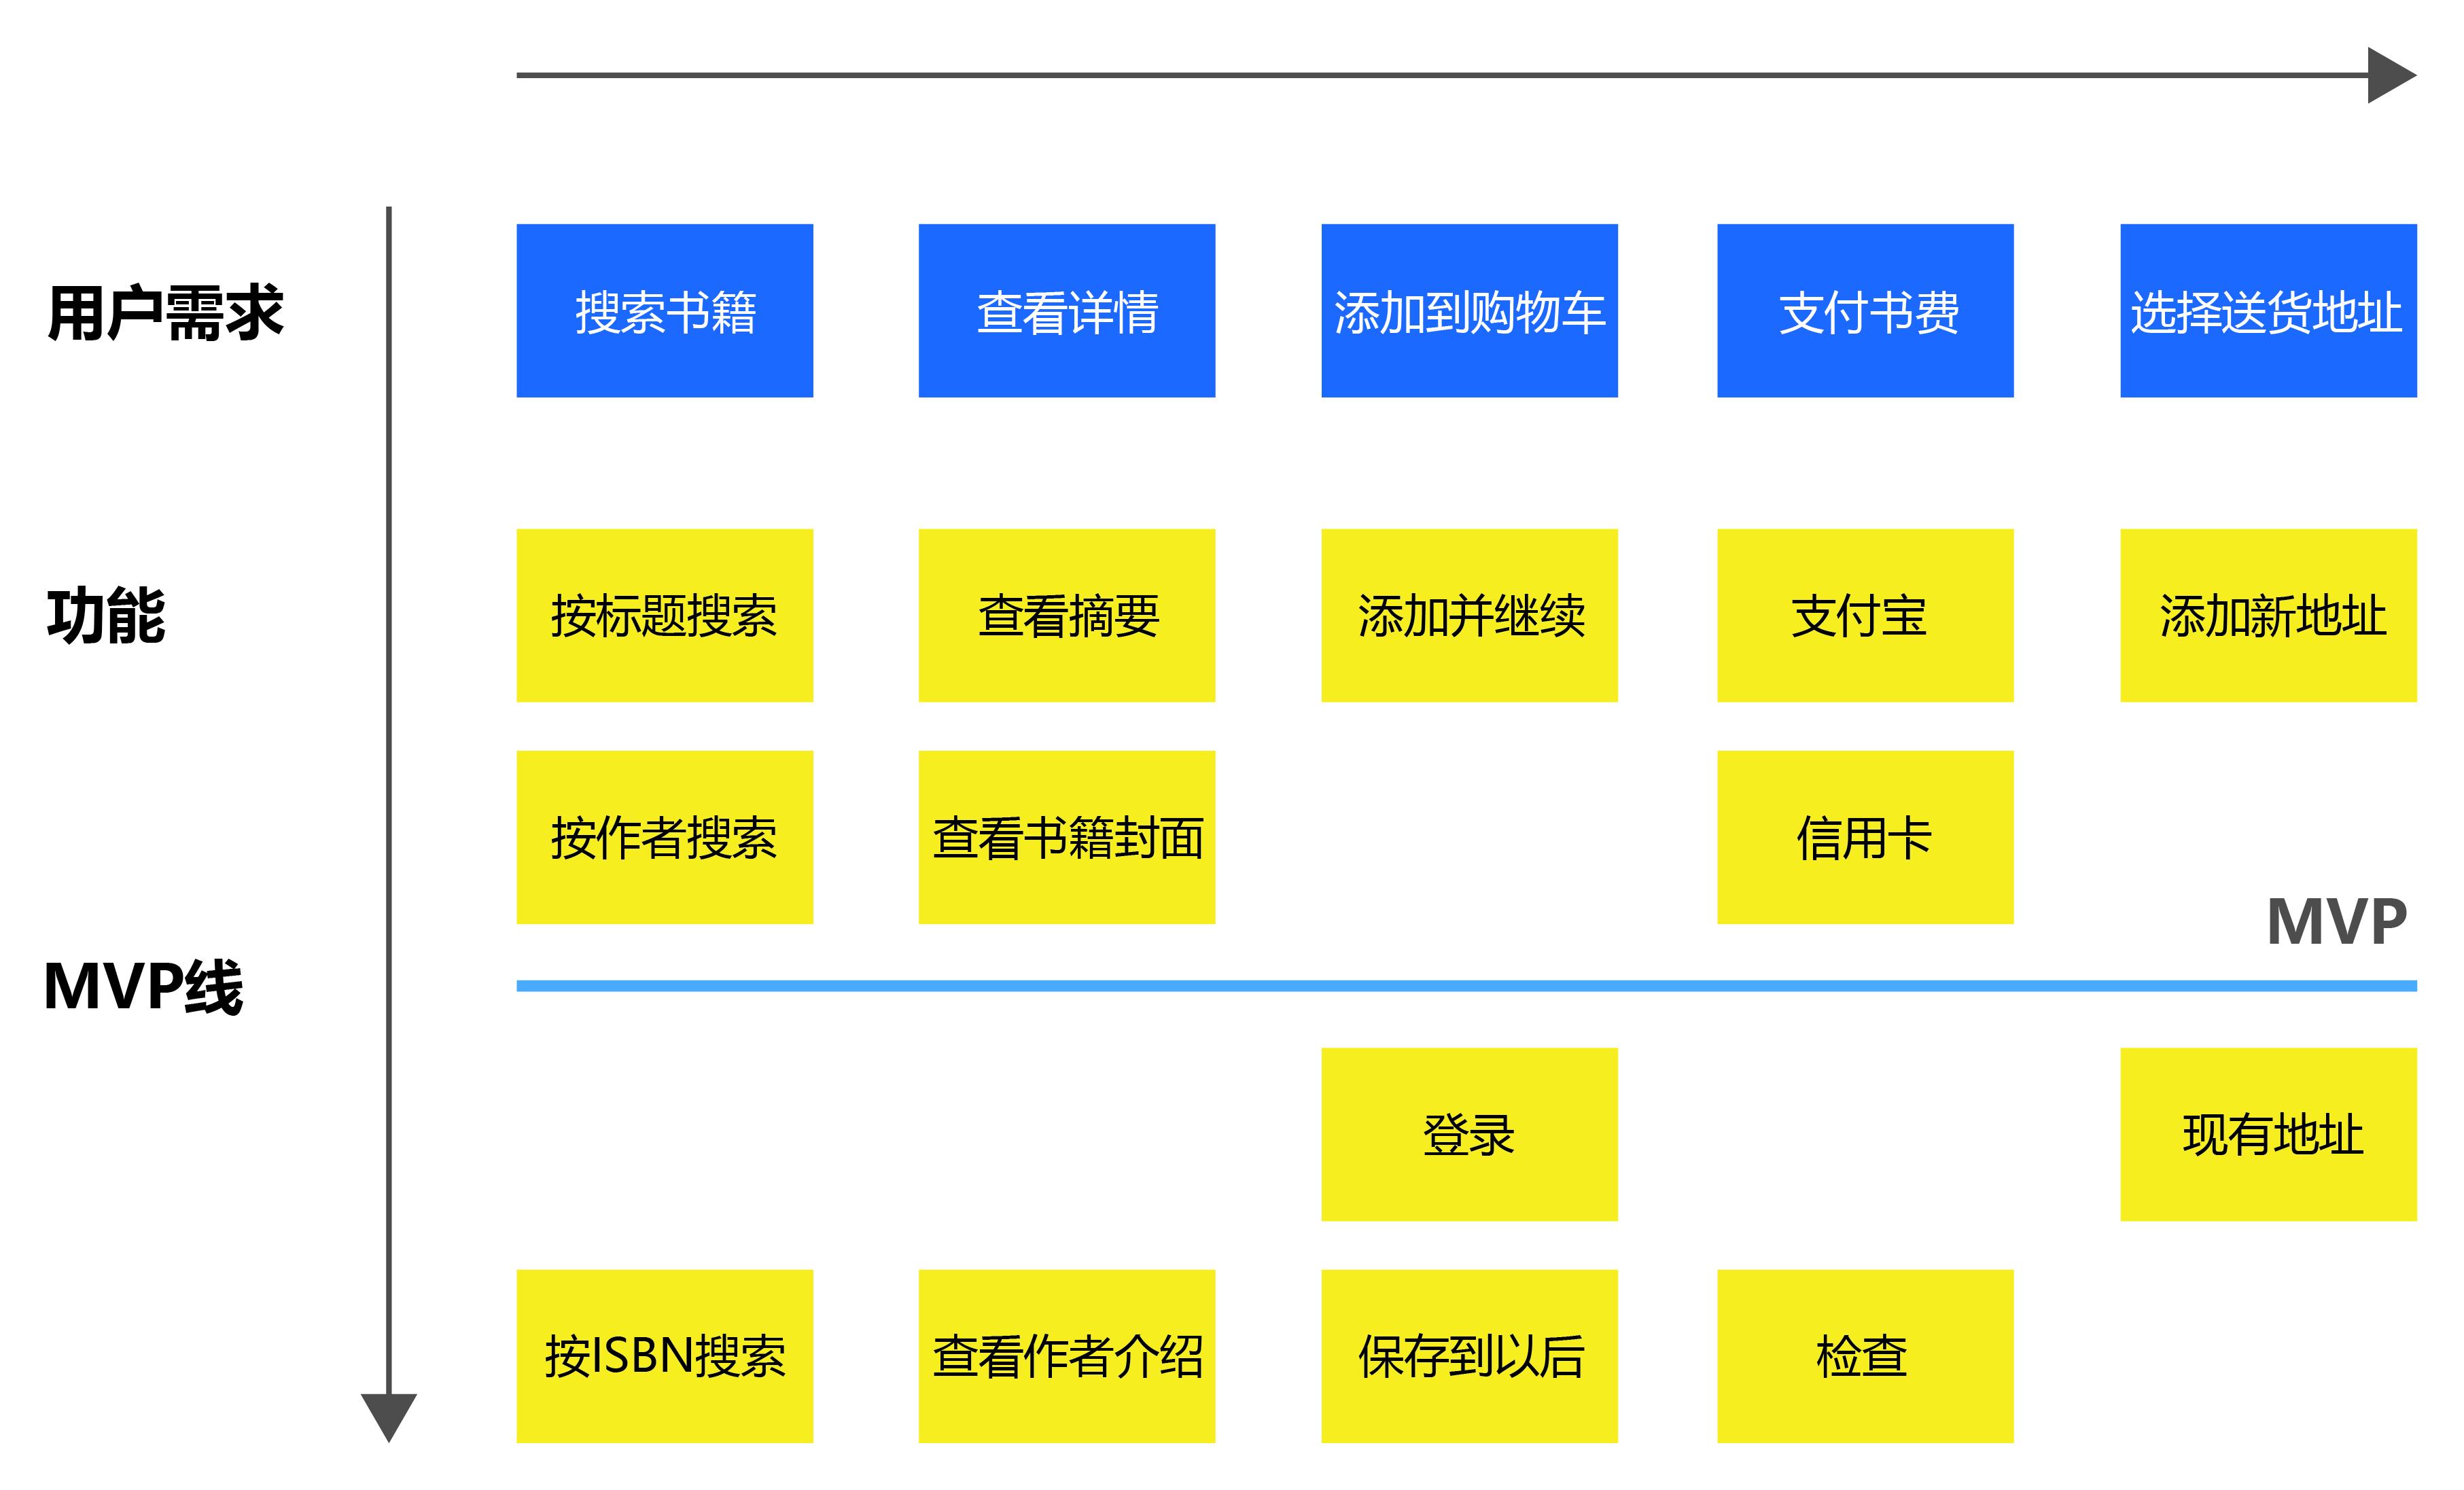 功能地图通常用于确定产品的功能范围